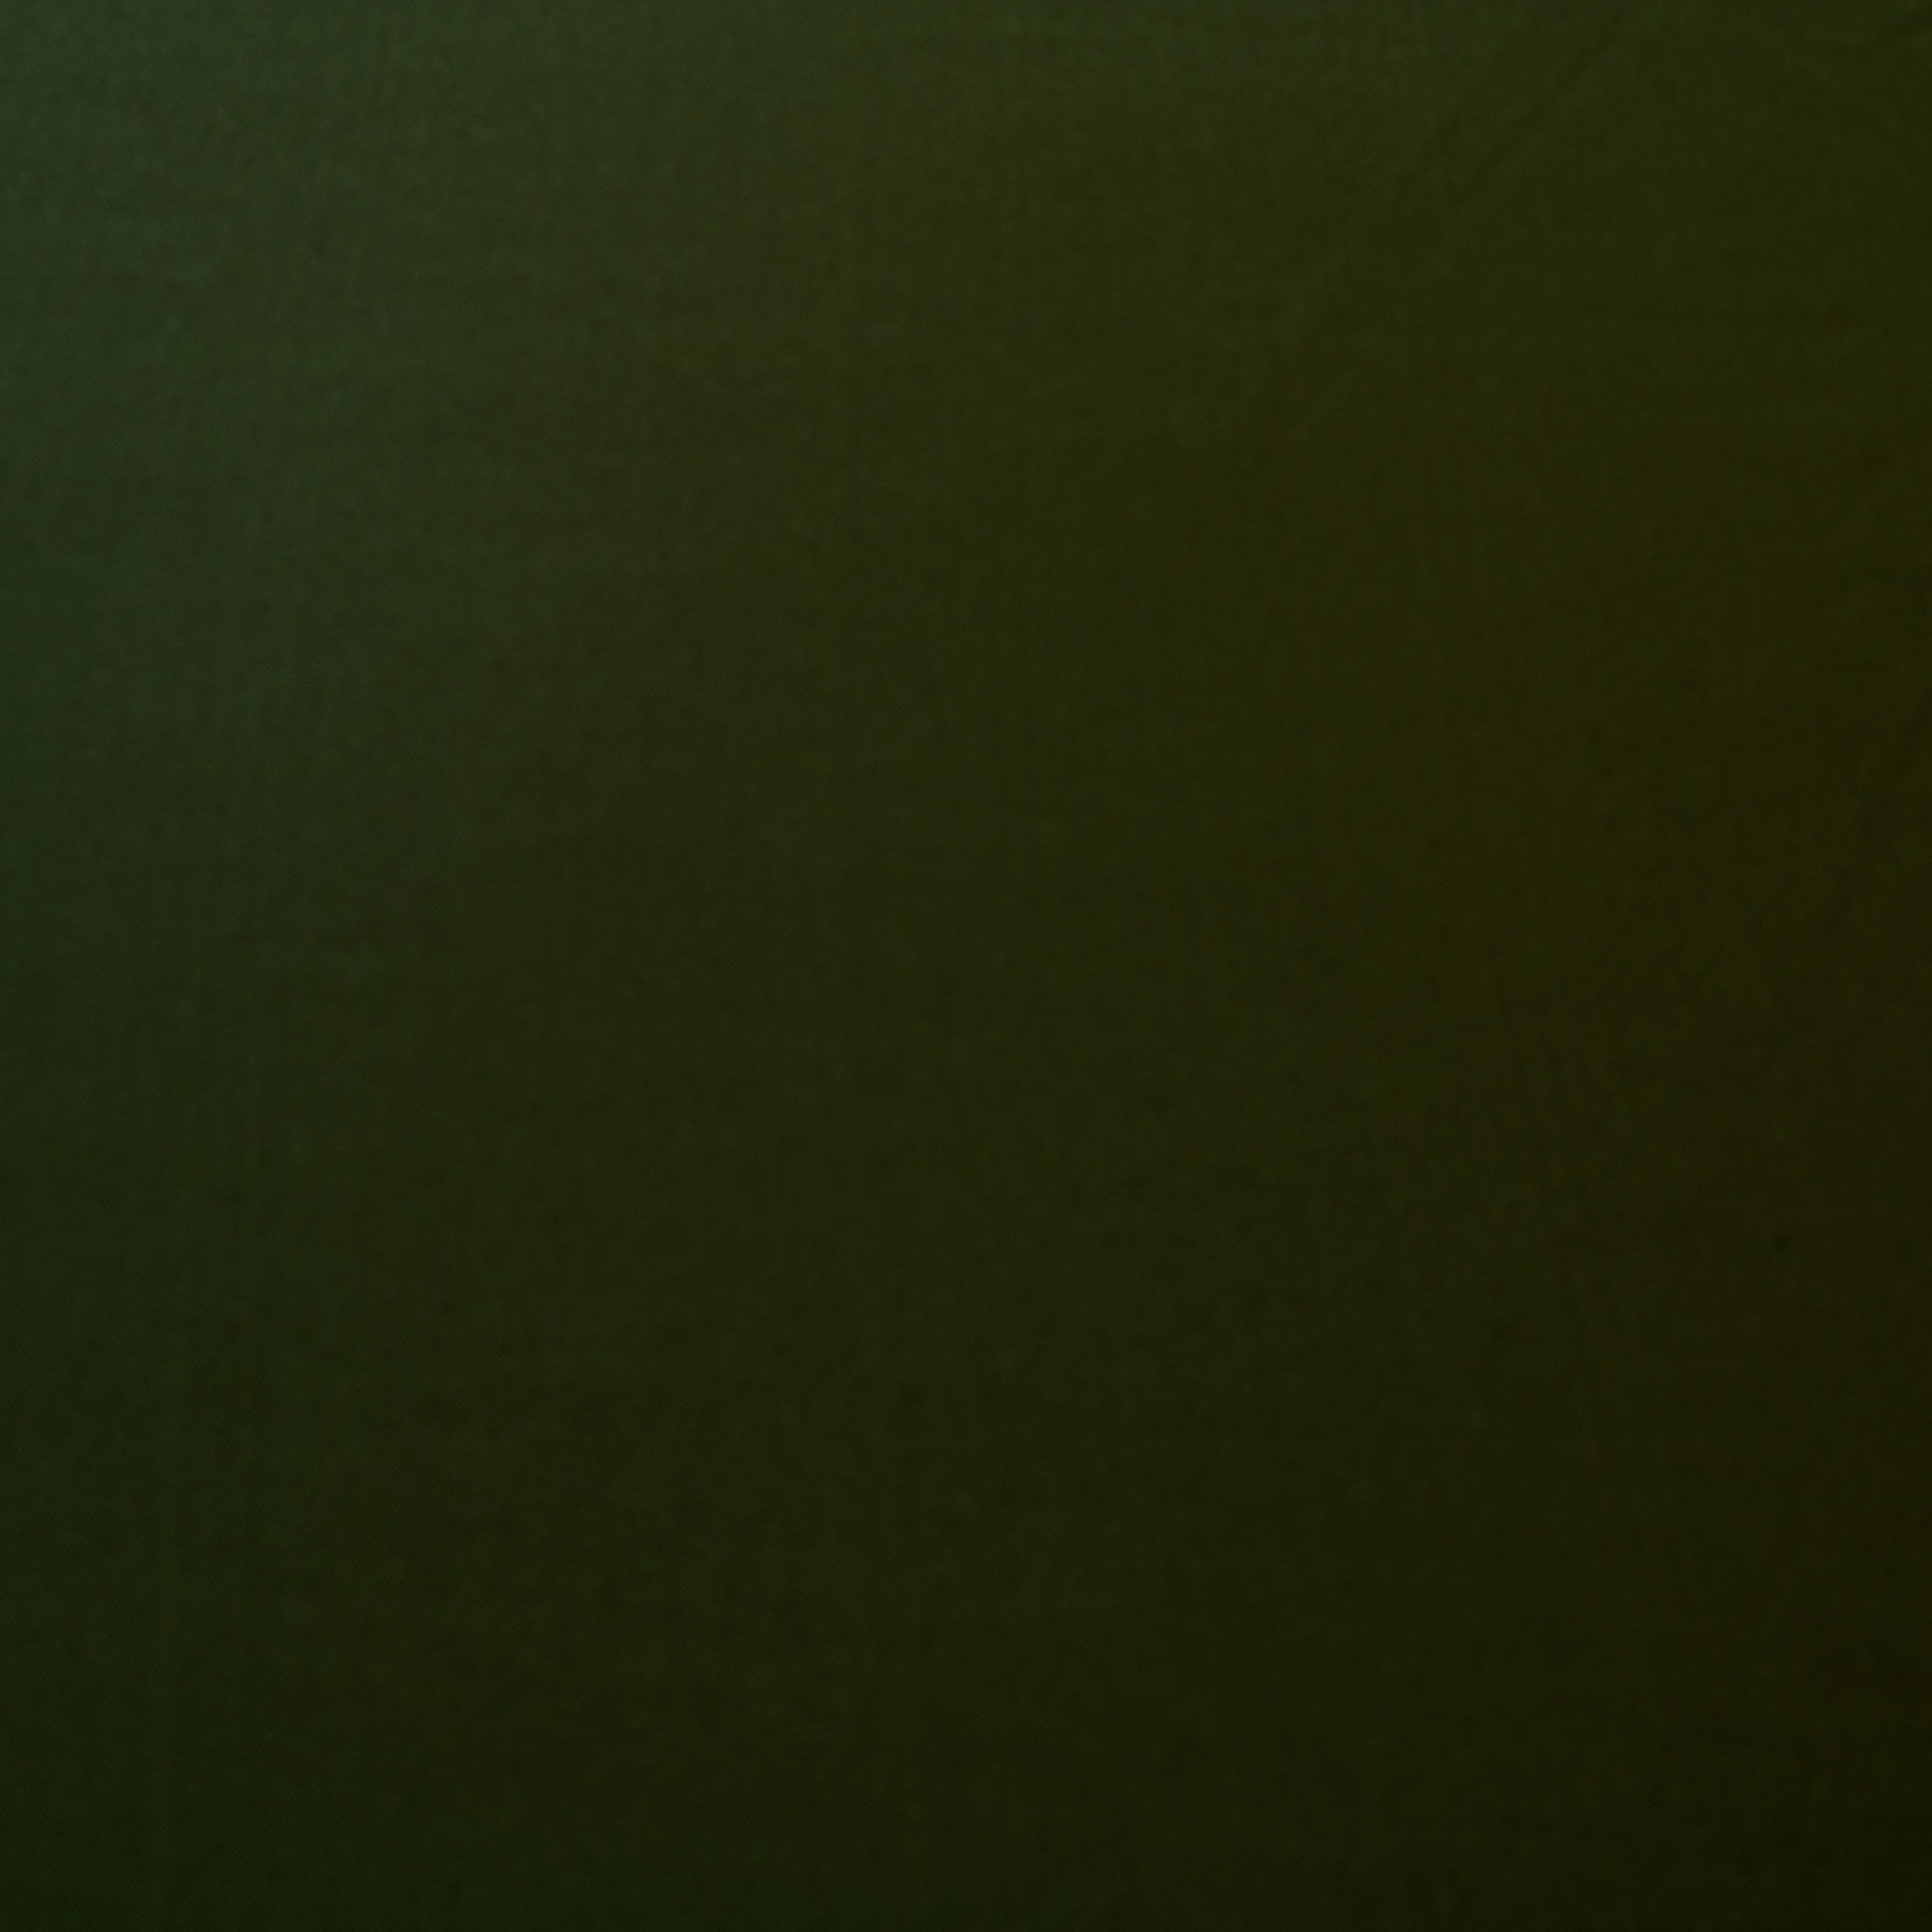 15 Metros Tecido Gabardine Com Elastano Liso Verde Exército